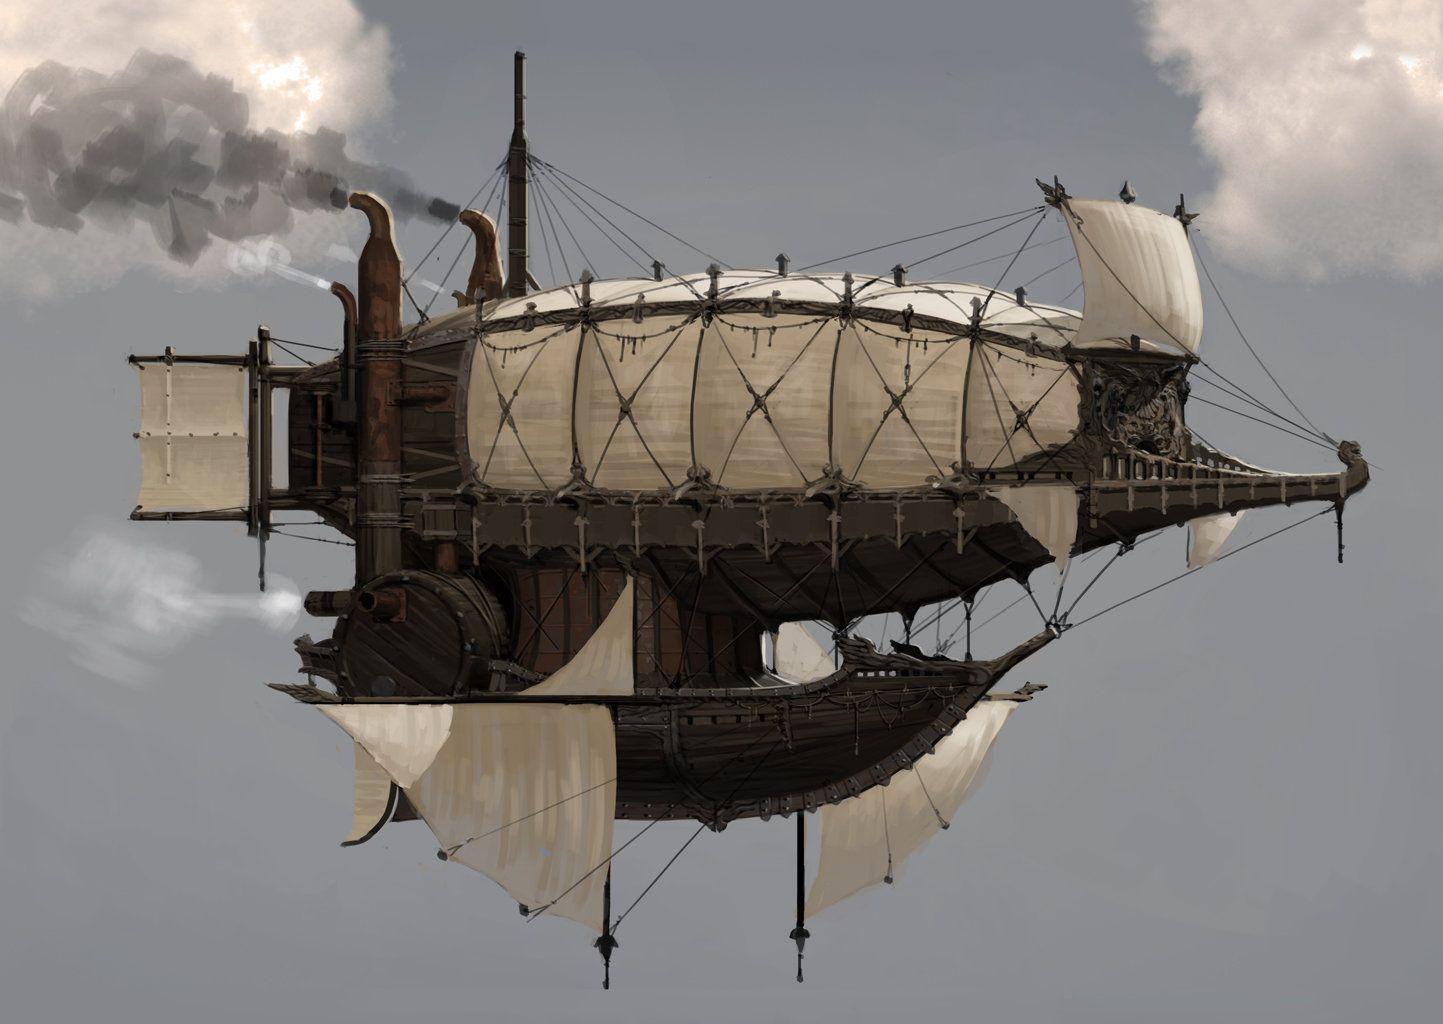 Medieval Mother Ship, Juhyung Kang on ArtStation at http://www.artstation.com/artwork/medieval-mother-ship